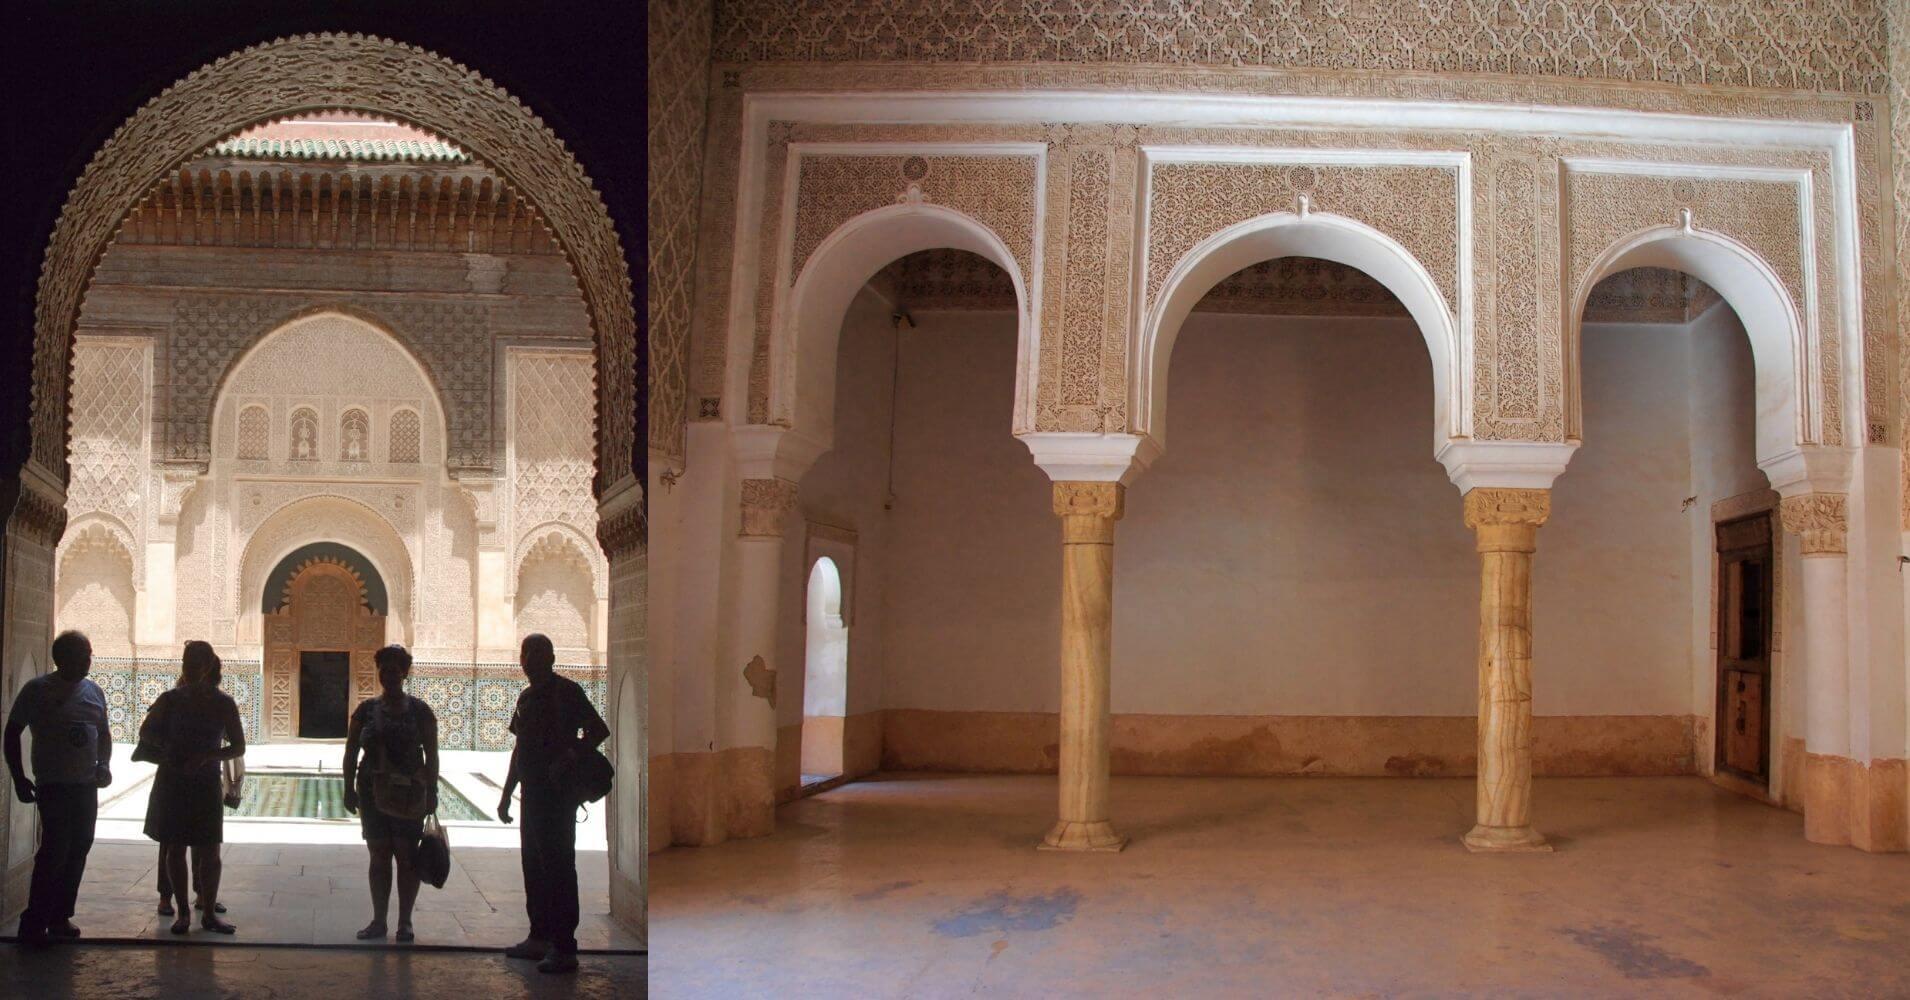 Madraza de Ben Youssef en Marrakech, Marruecos.